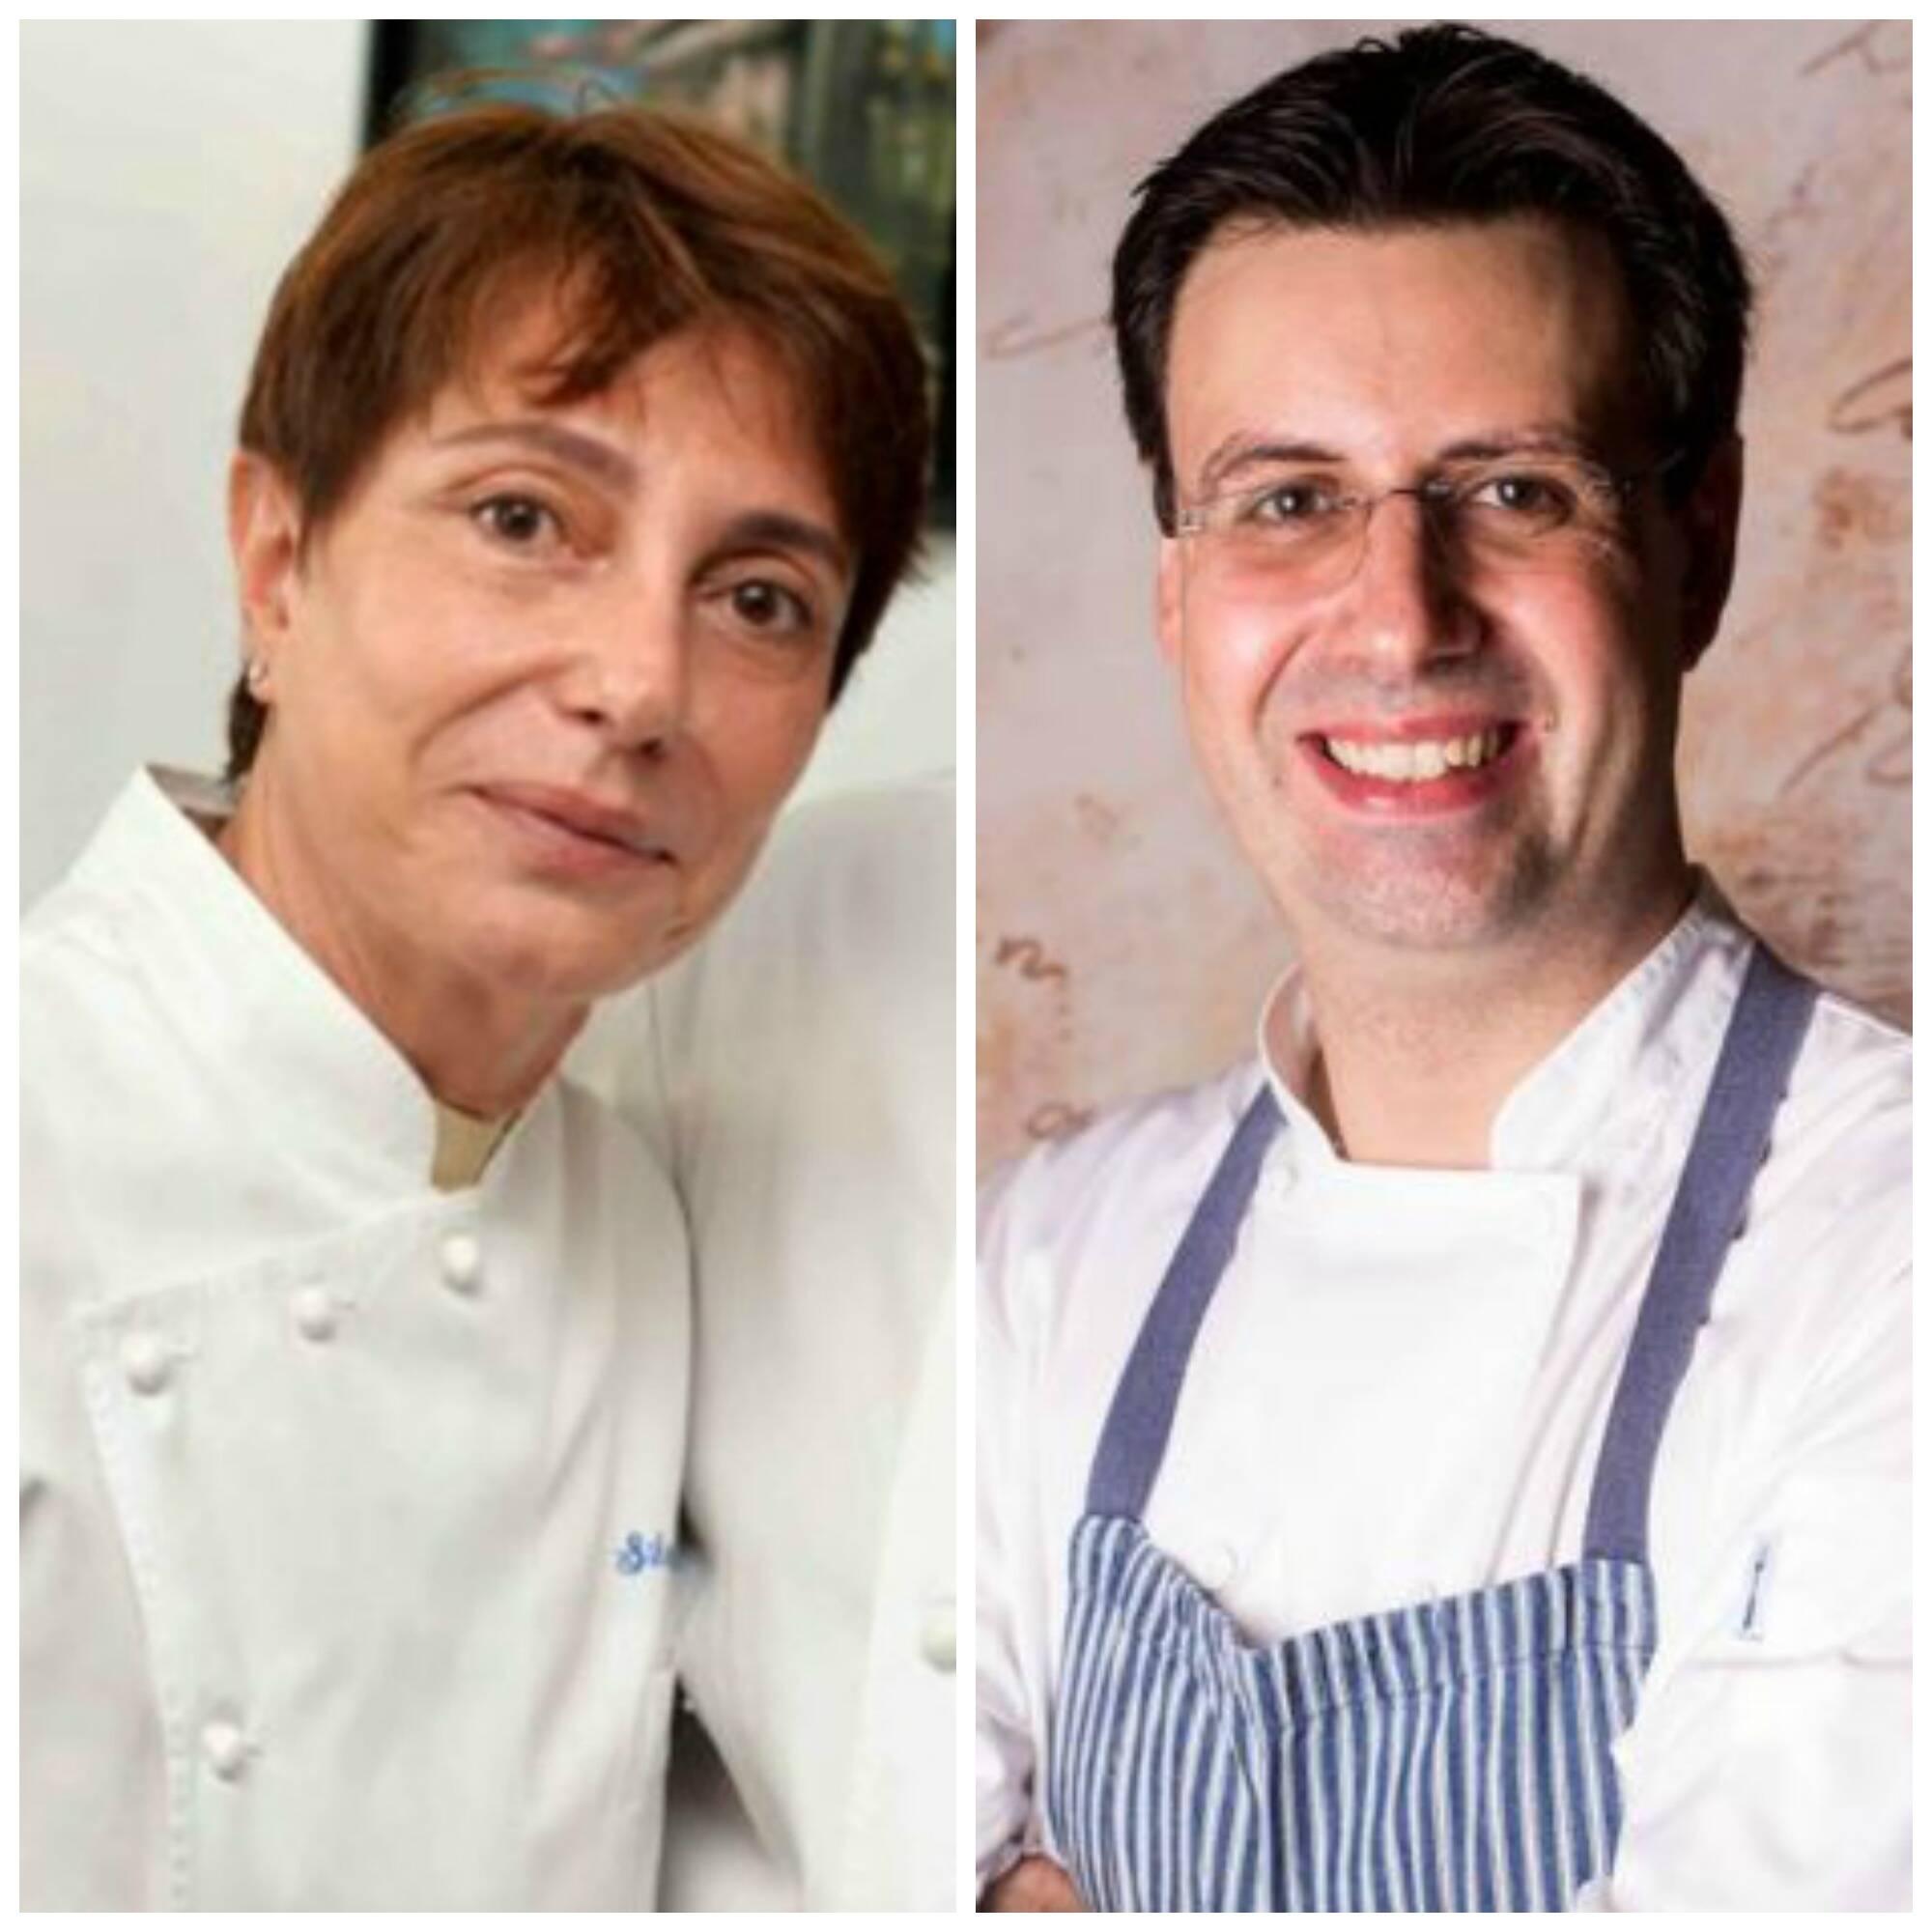 Silvana e Frédéric: cursos premium no Senac vão ganhar a expertise dos dois chefs / Foto: Ari Kaye e divulgação